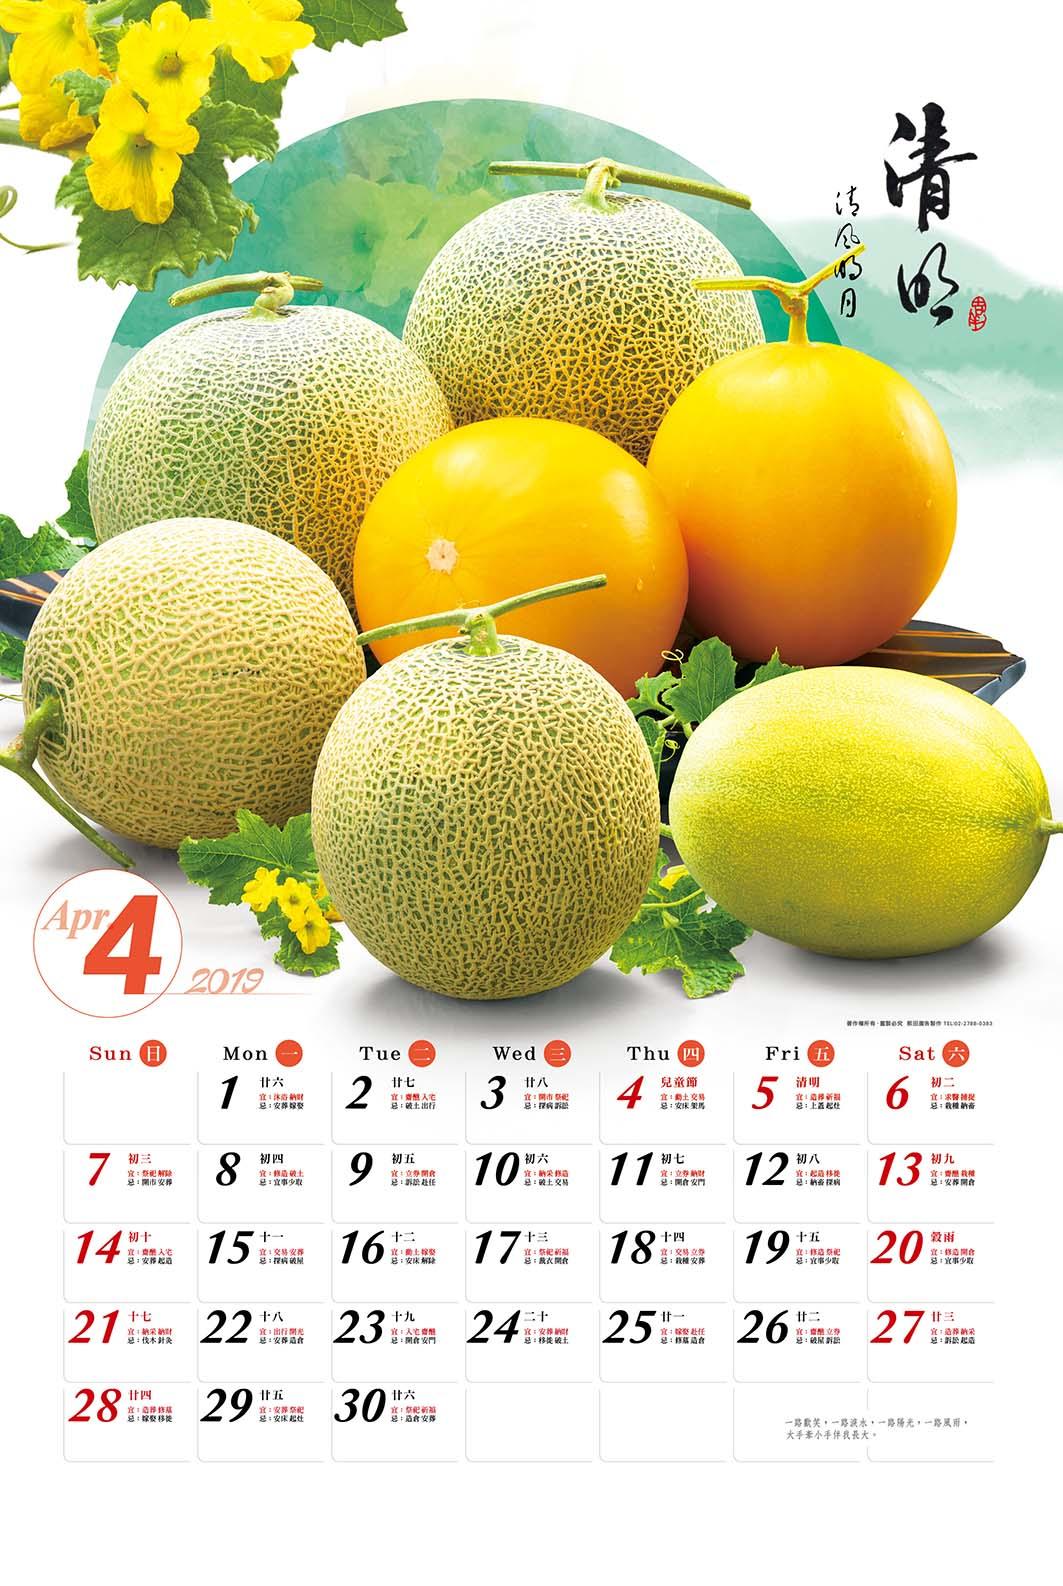 A02_水果月曆封面_4月.jpg